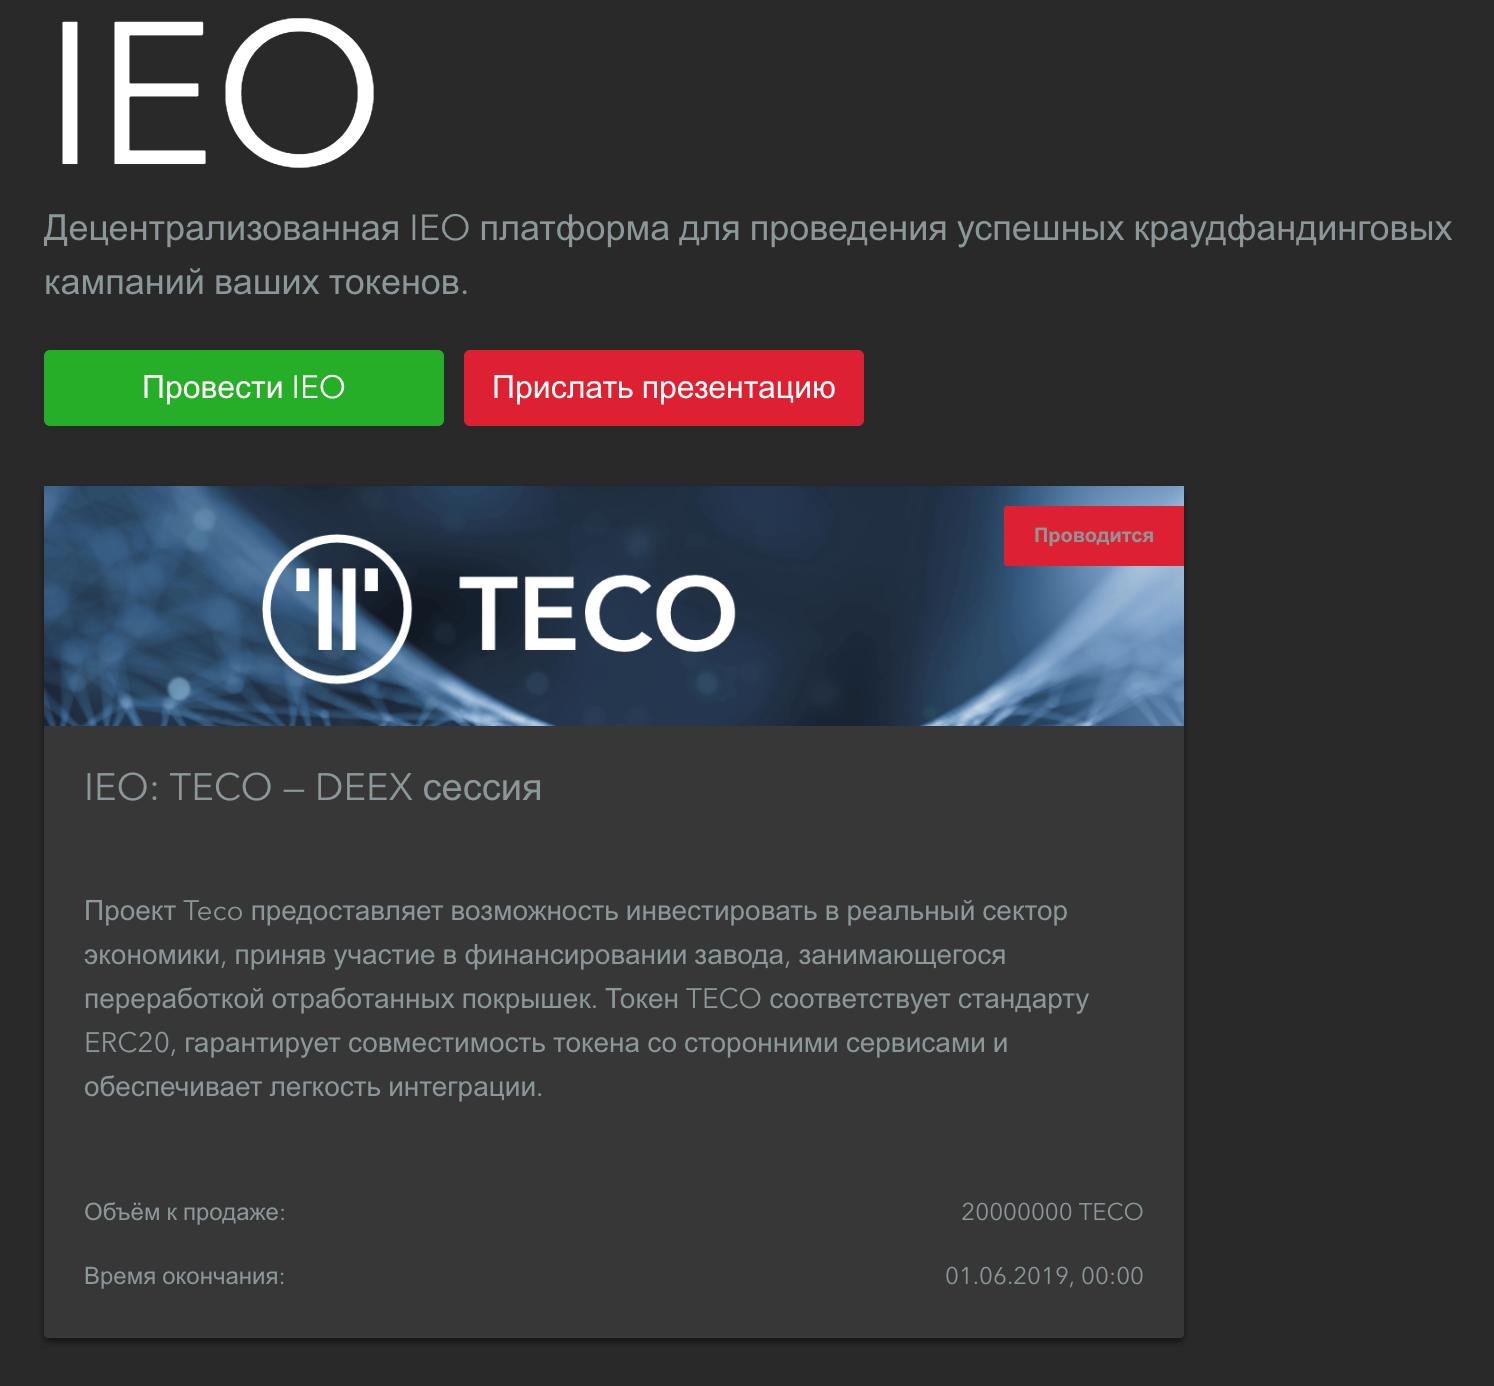 На основной странице кампании проекта находится вся необходимая информация, включая ссылки на whitepaper, официальный сайт и социальные ресурсы TECO